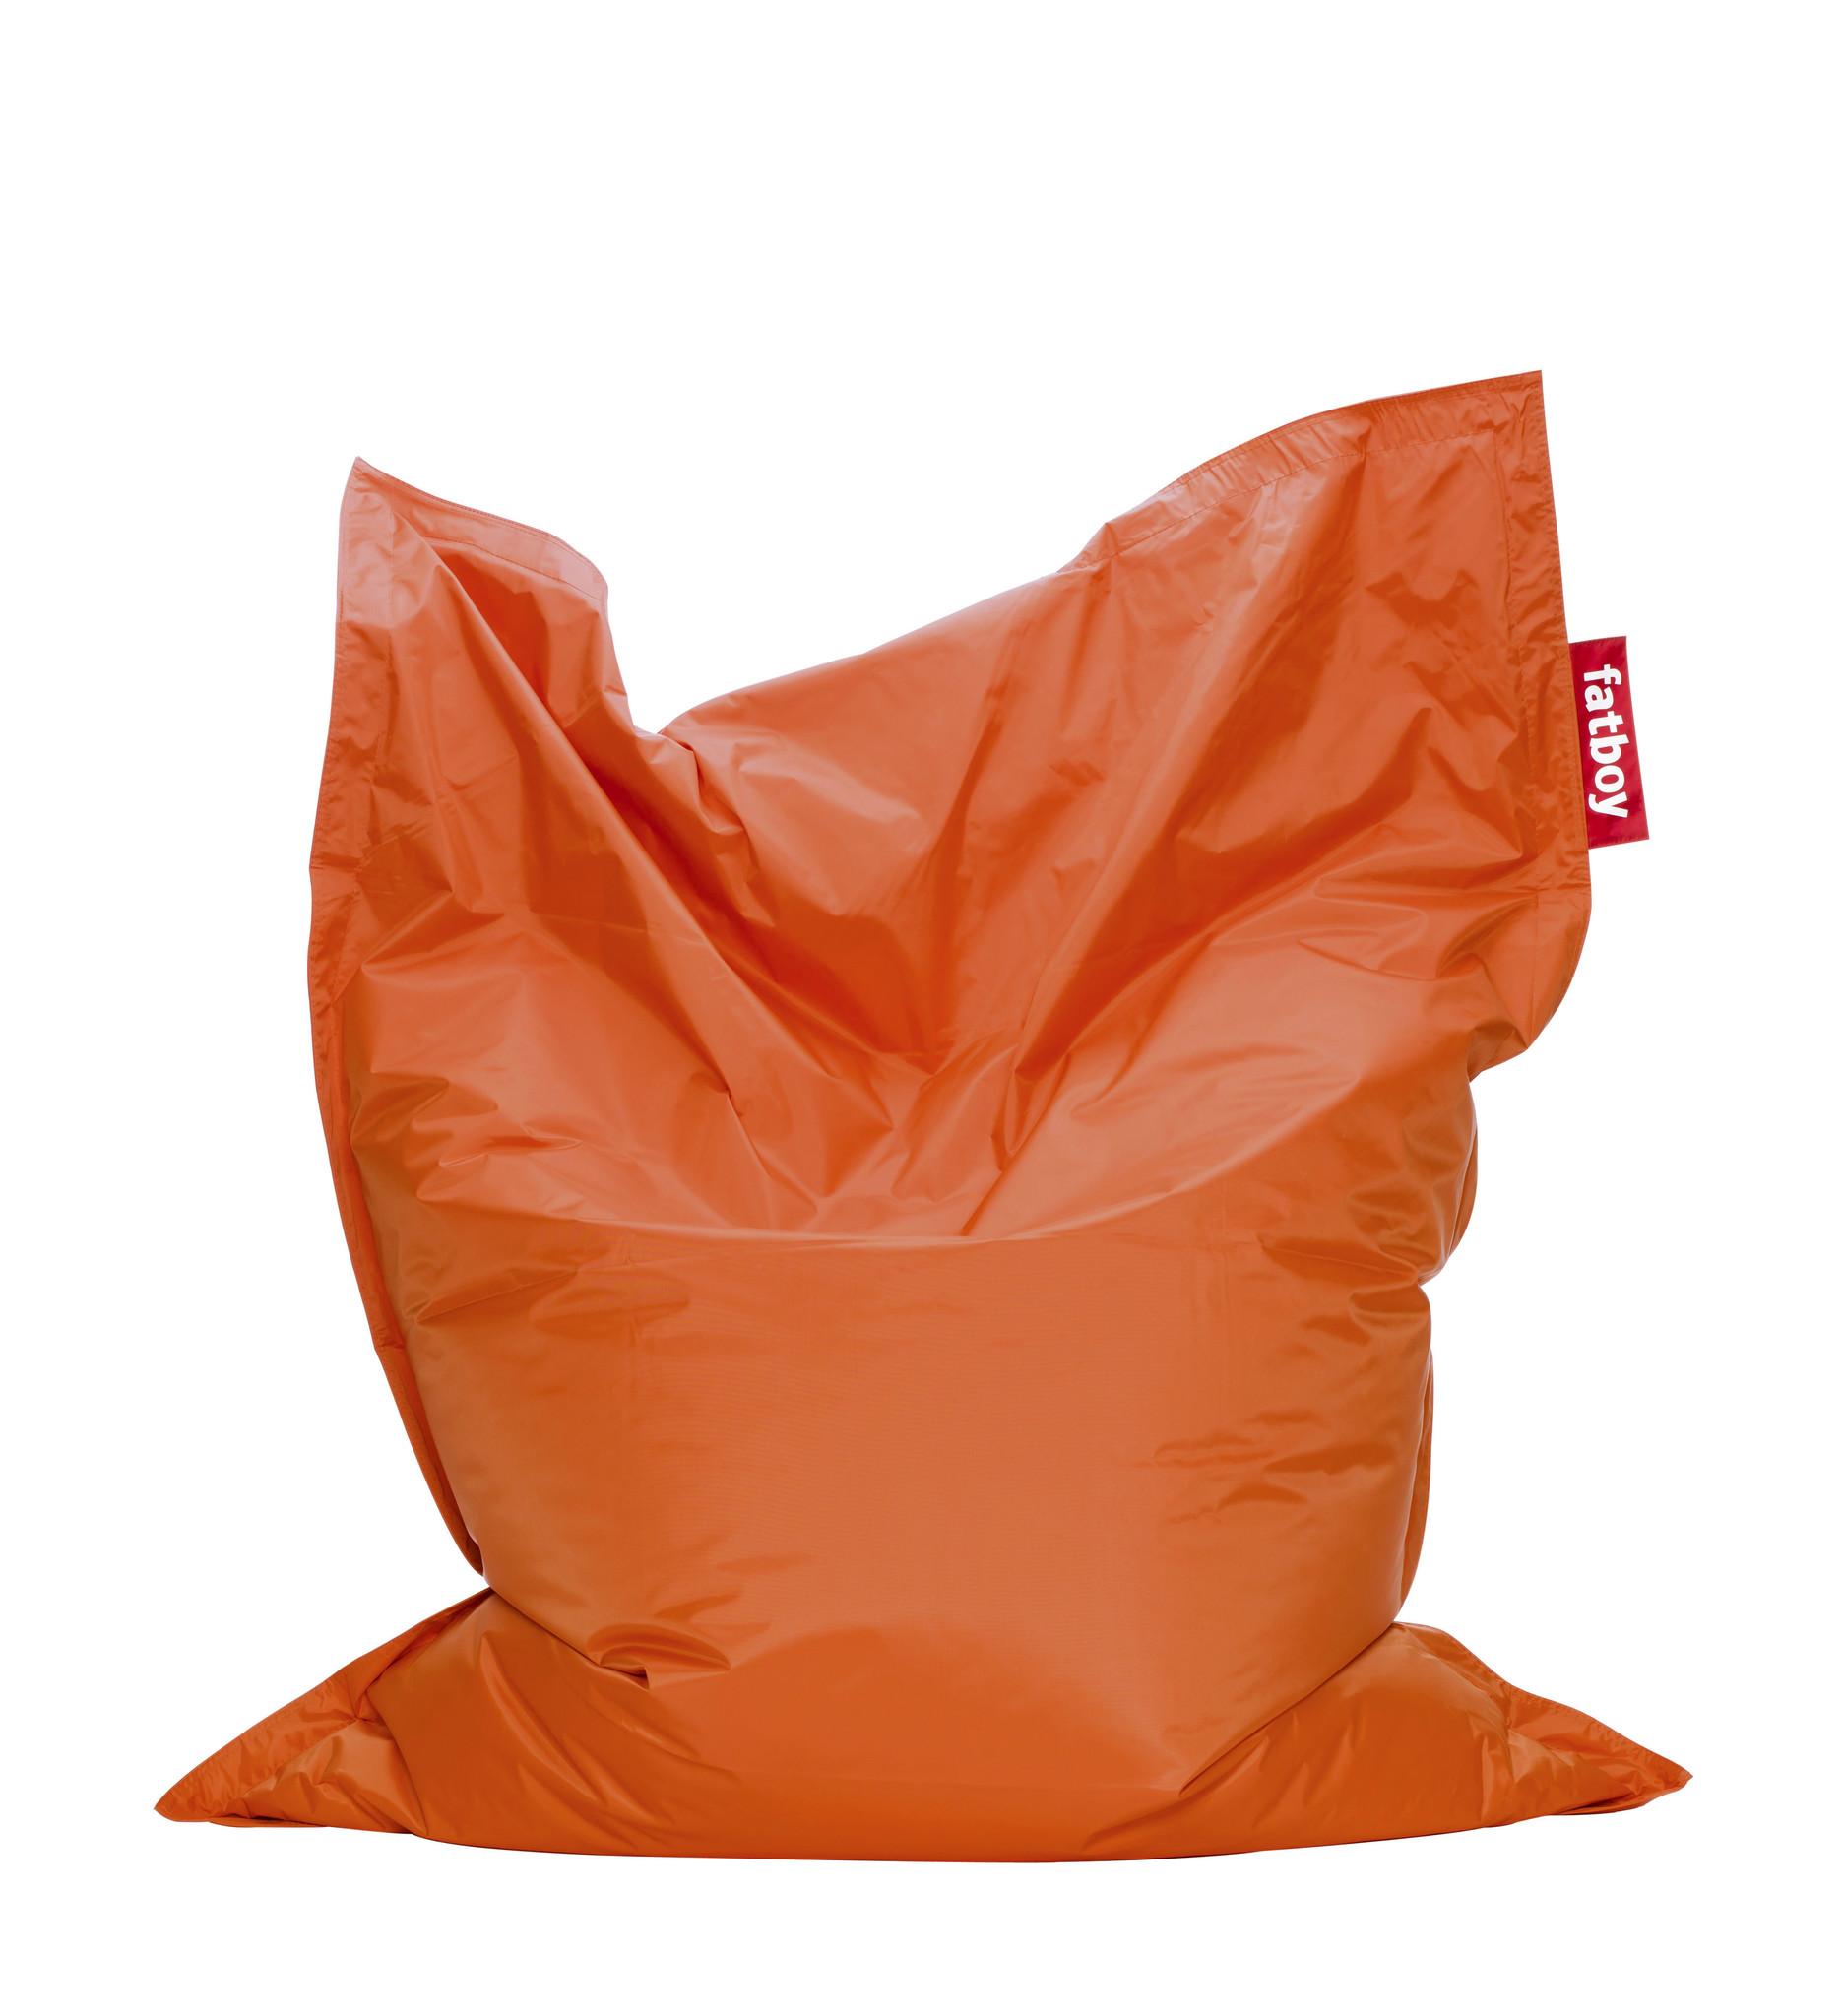 Fatboy Beanbag The Original orange